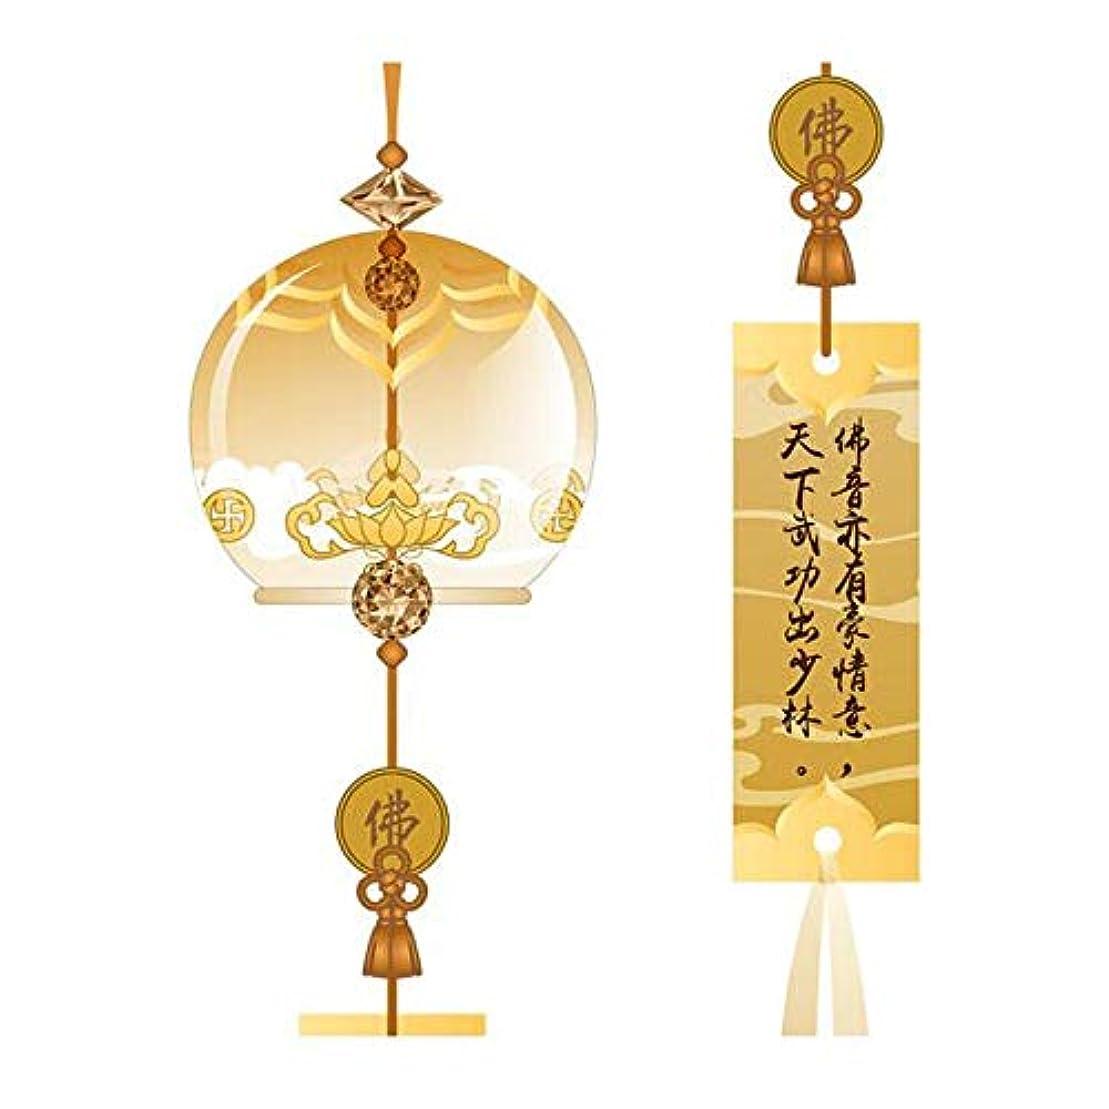 うがい幸福リスYougou01 風チャイム、クリスタルクリアガラスの風チャイム、グリーン、全身について31センチメートル 、創造的な装飾 (Color : Yellow-B)